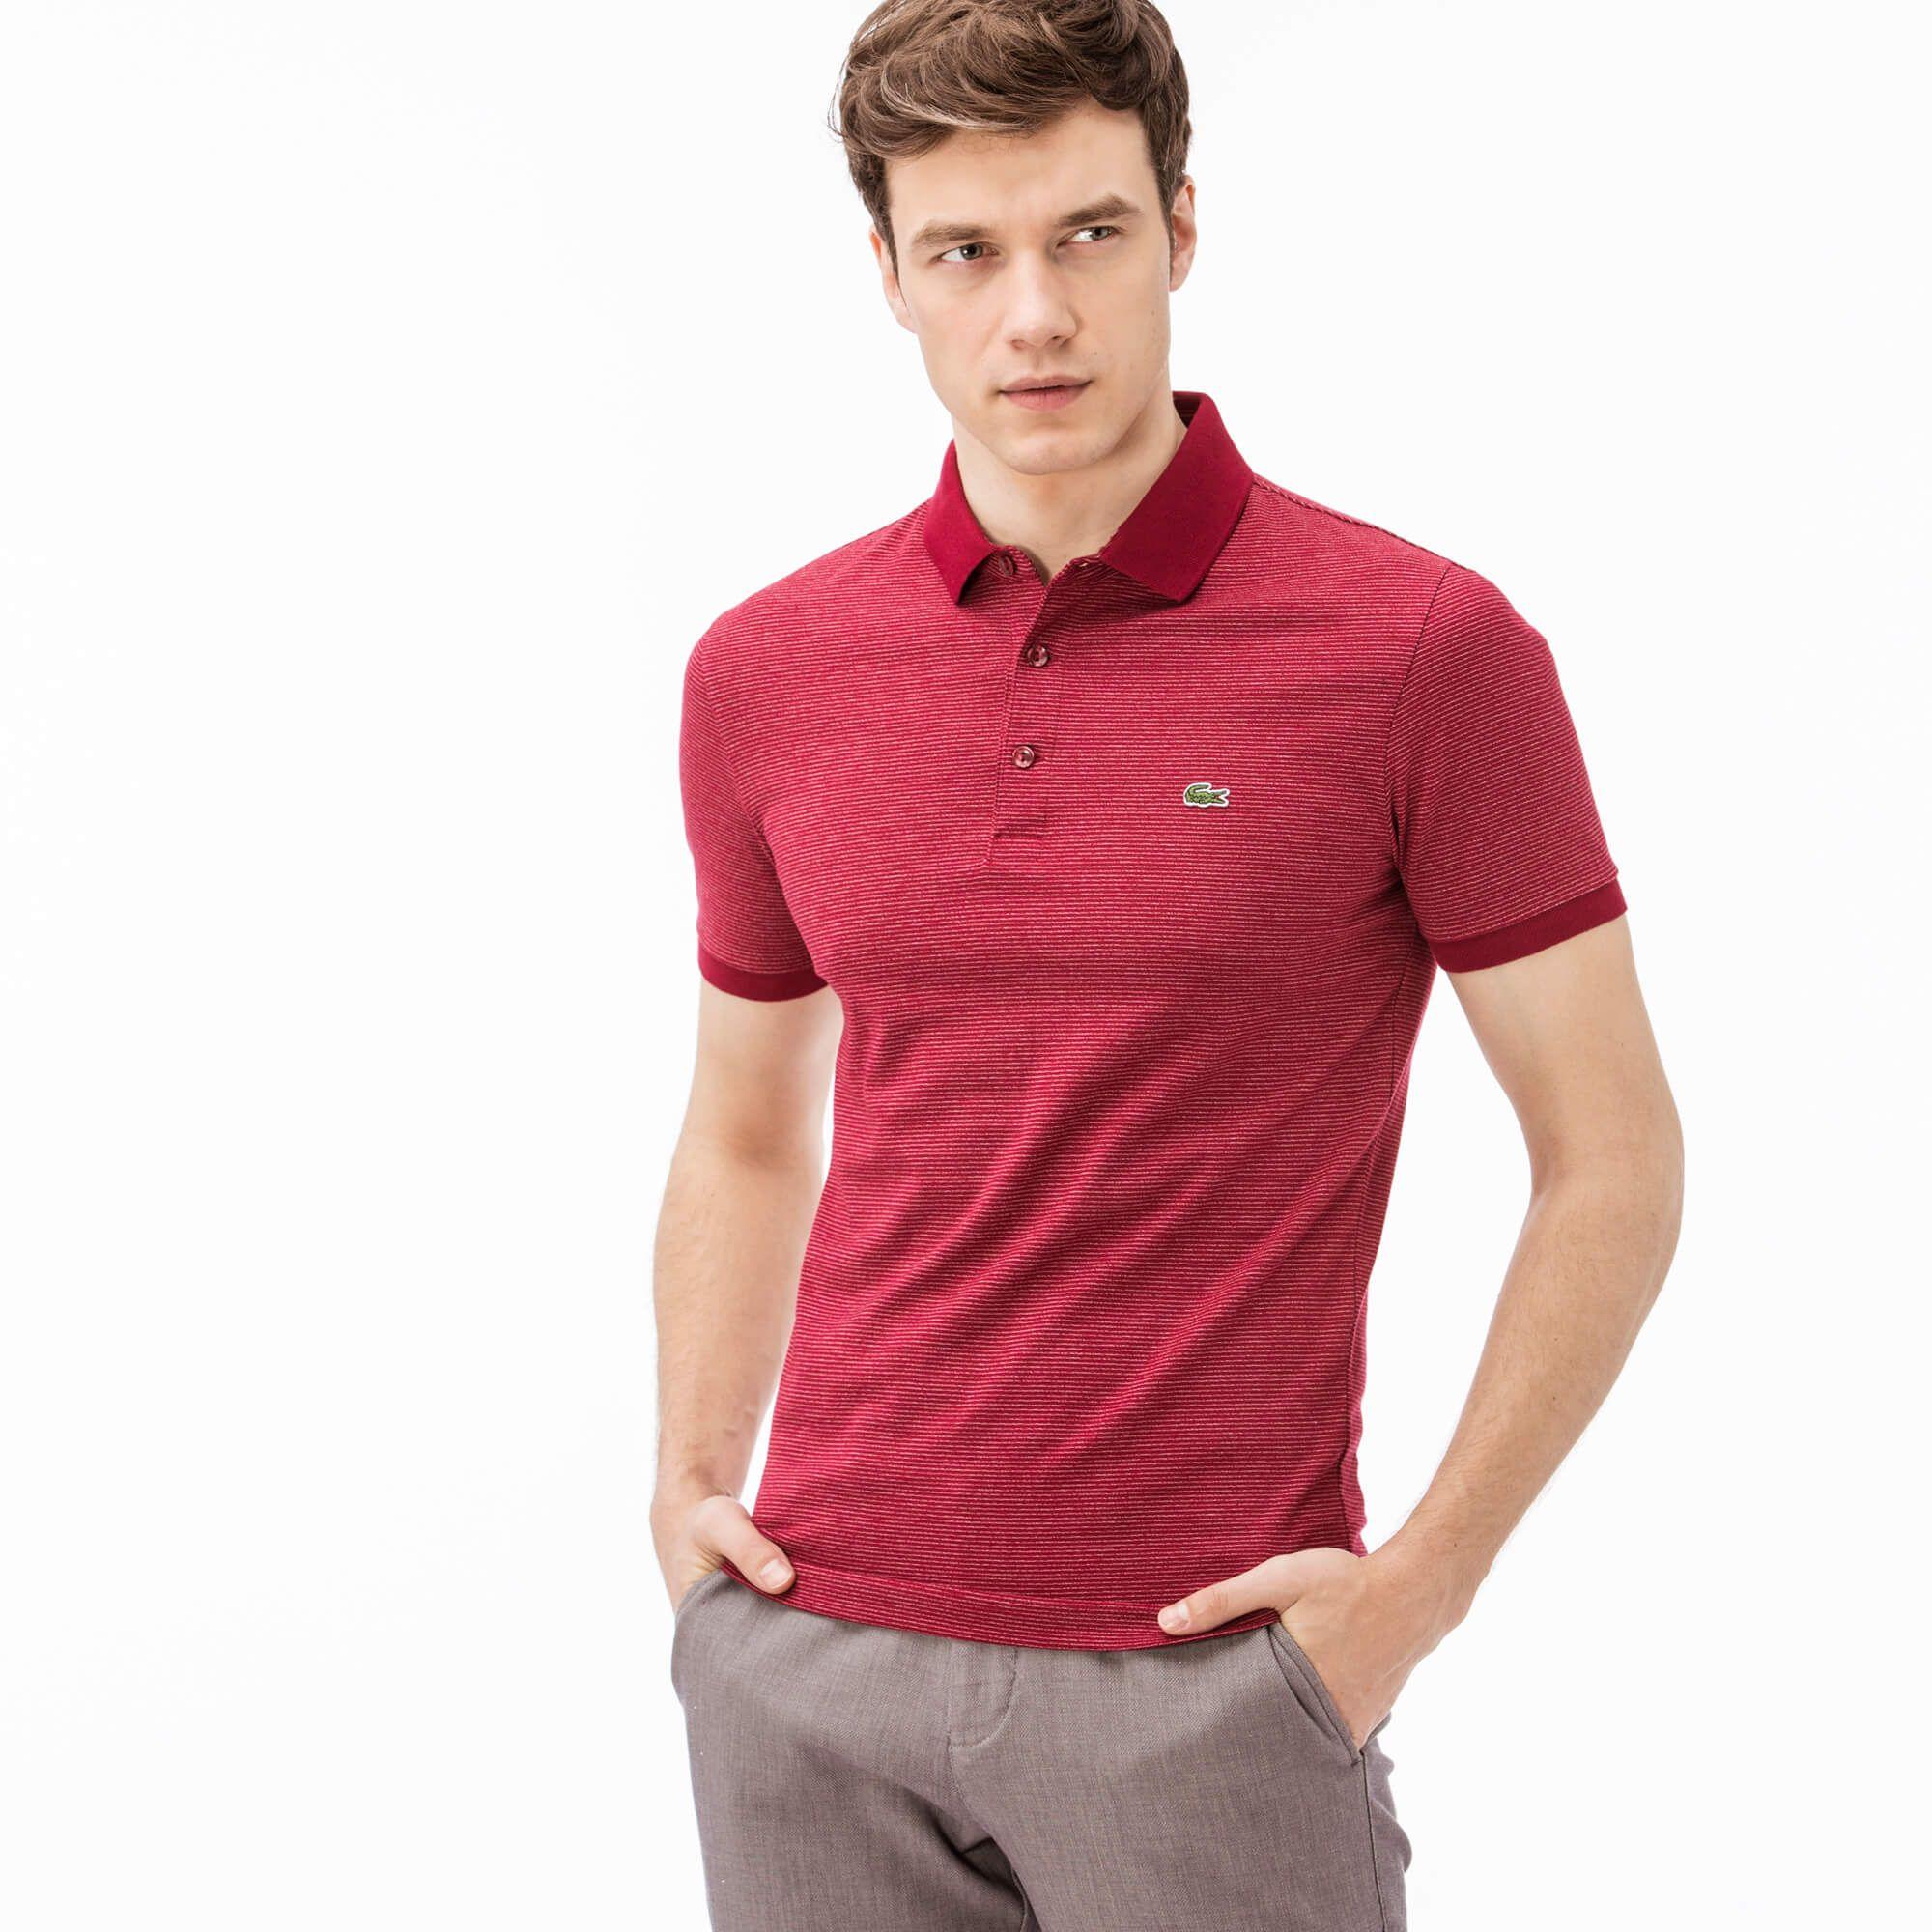 خرید تی شرت لاگوست اصل فروشگاه لباس لاگوست پولوشرت های لاگوست معروف ترین تولیدات این برند لوکس فرانسوی است تیپ تابستانه Mens Polo Shirts Mens Polo Mens Tops